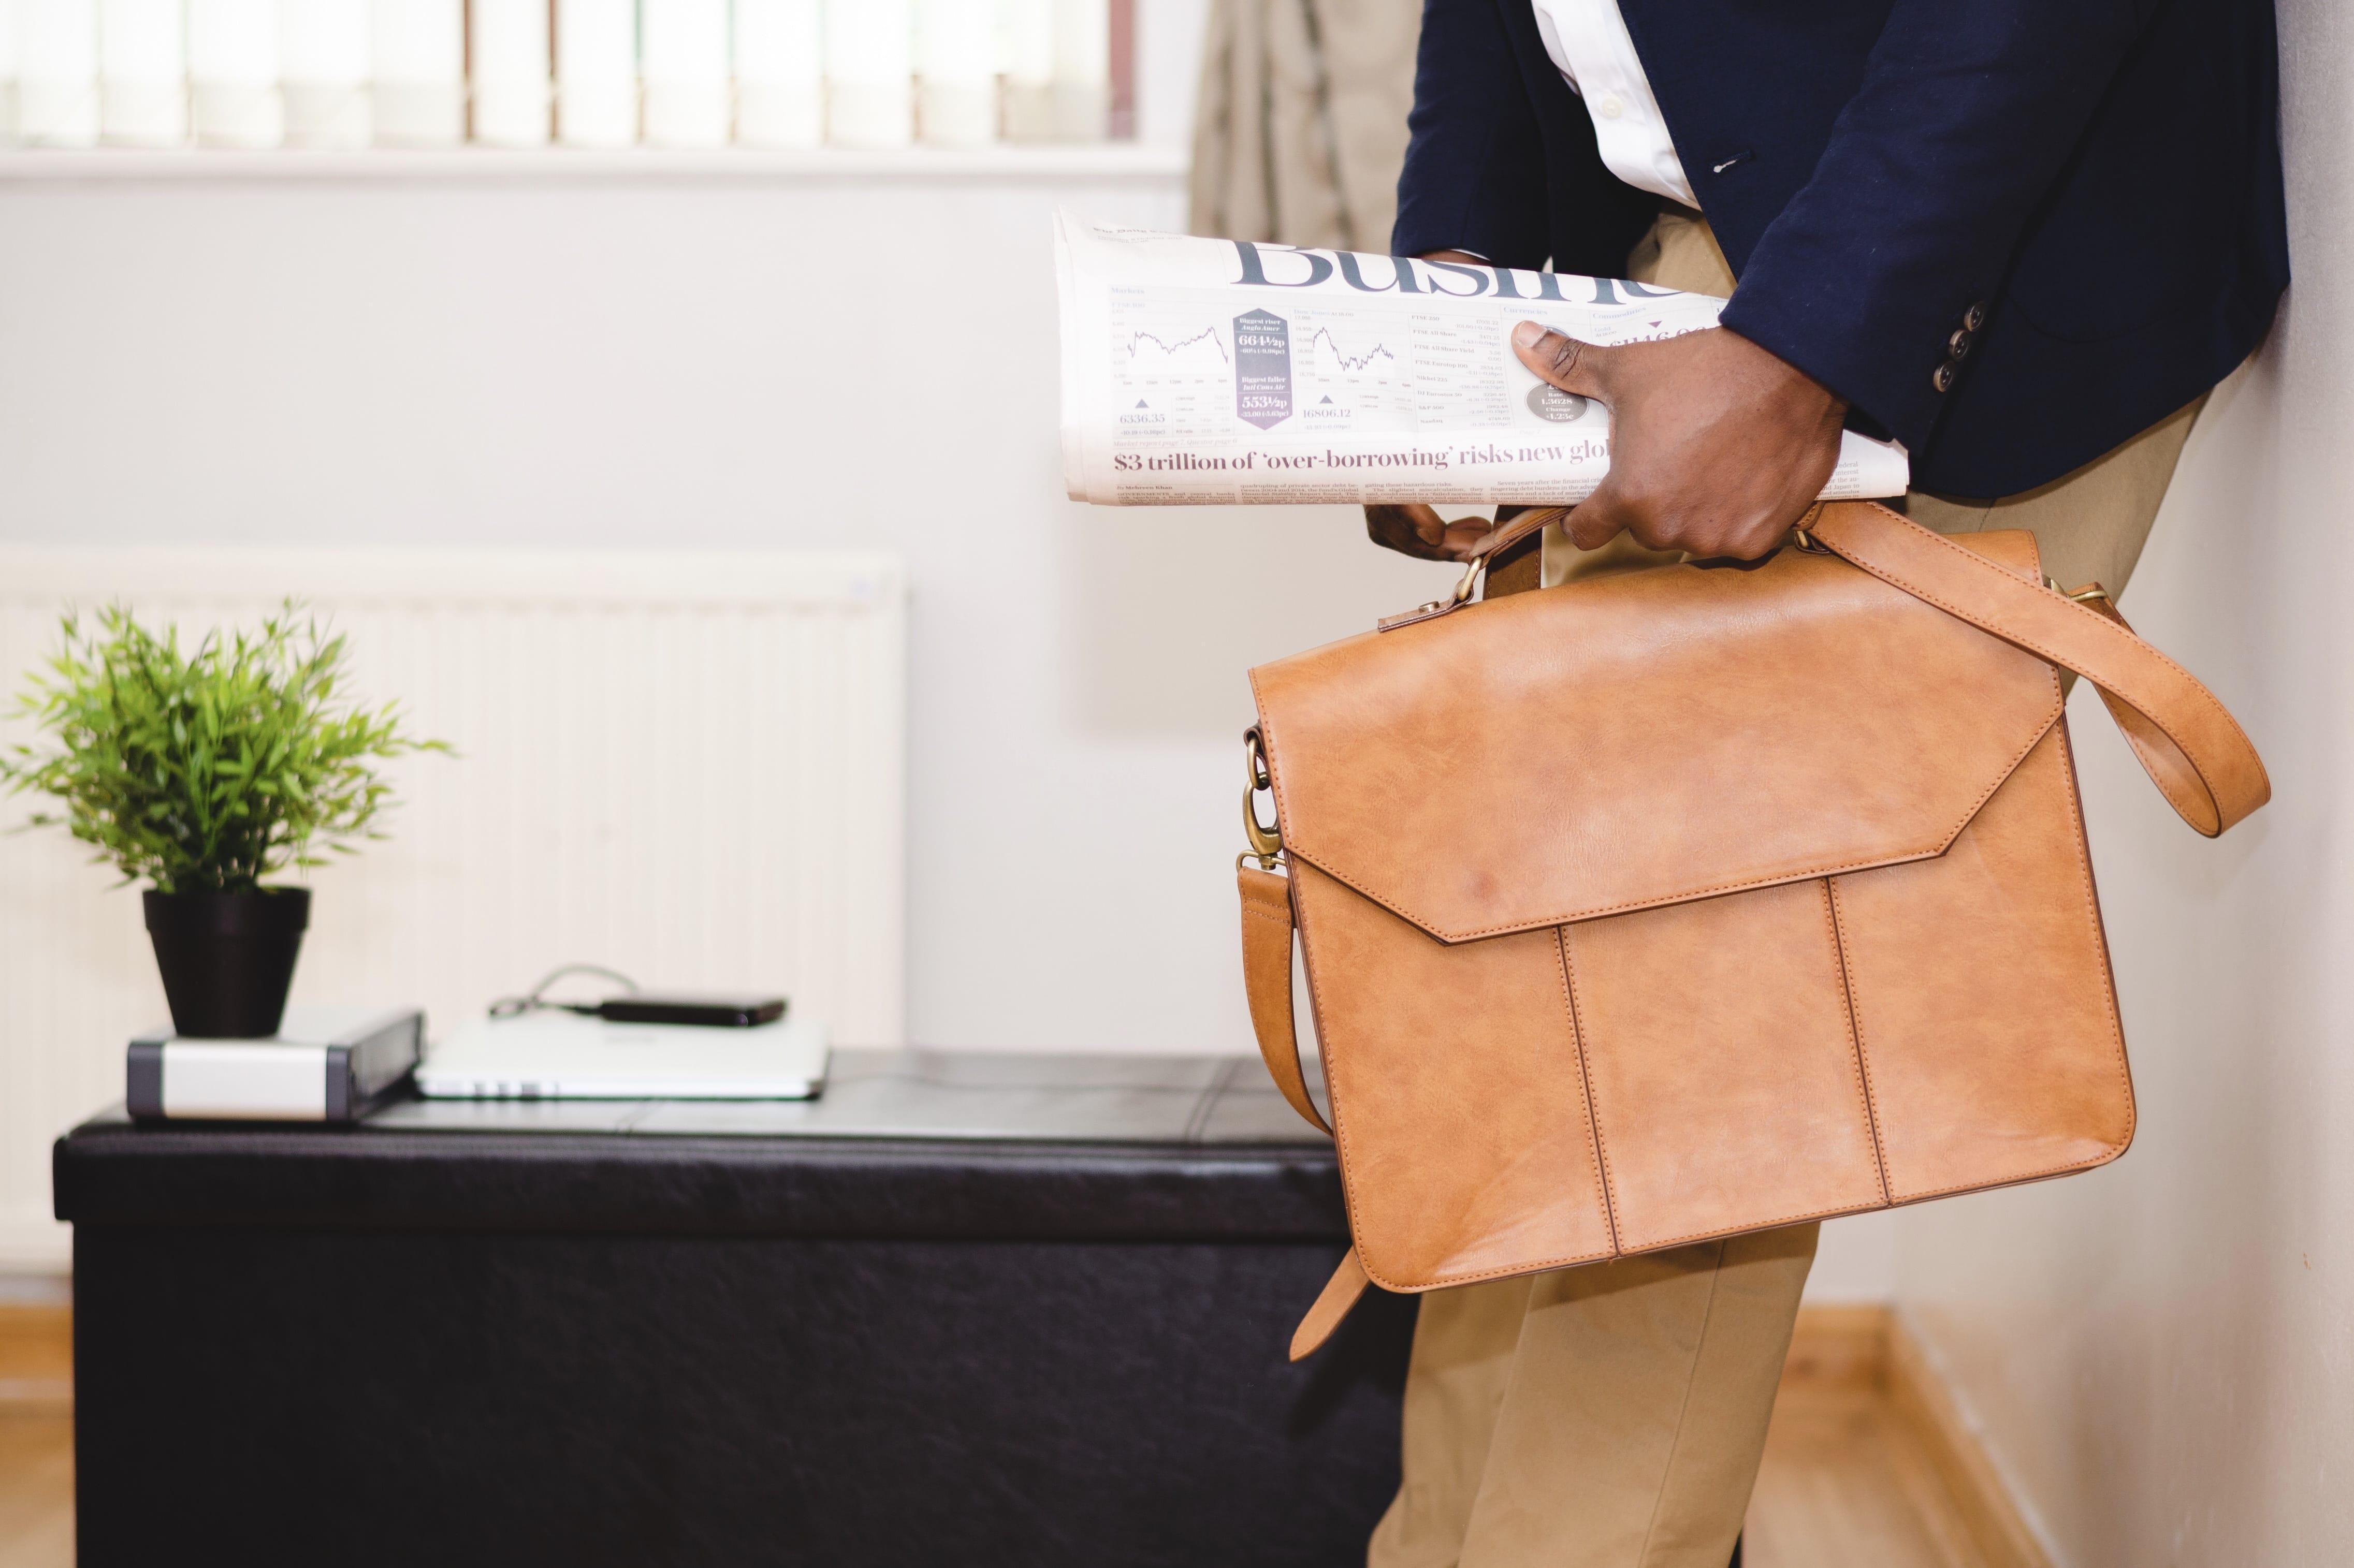 海外旅行保険は本当に必要?おすすめのクレジットカード保険と選び方を解説